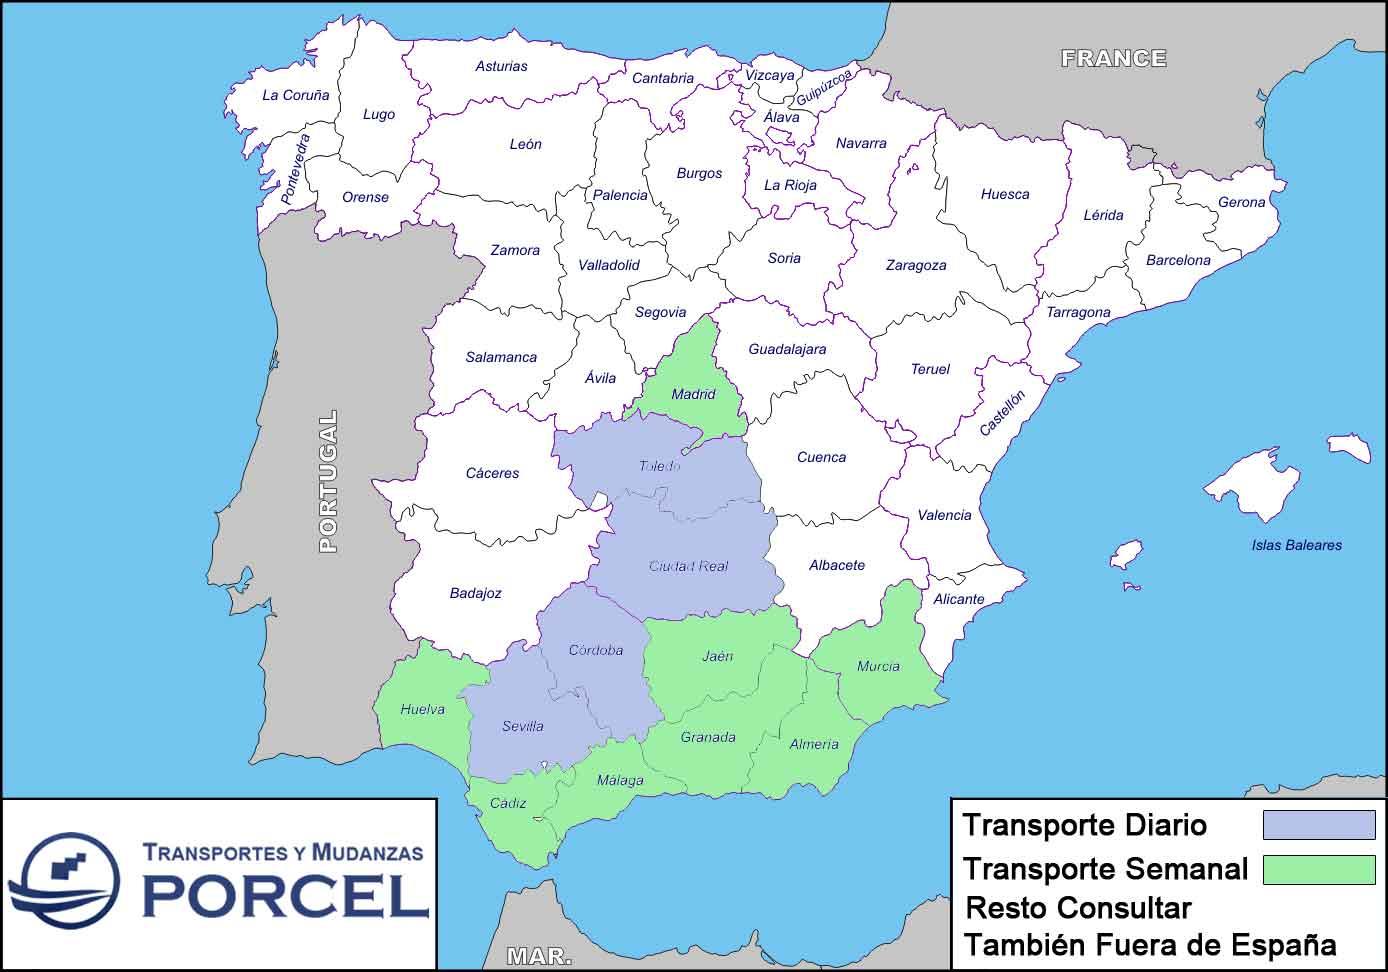 Mapa Transportes y Mudanzas Porcel